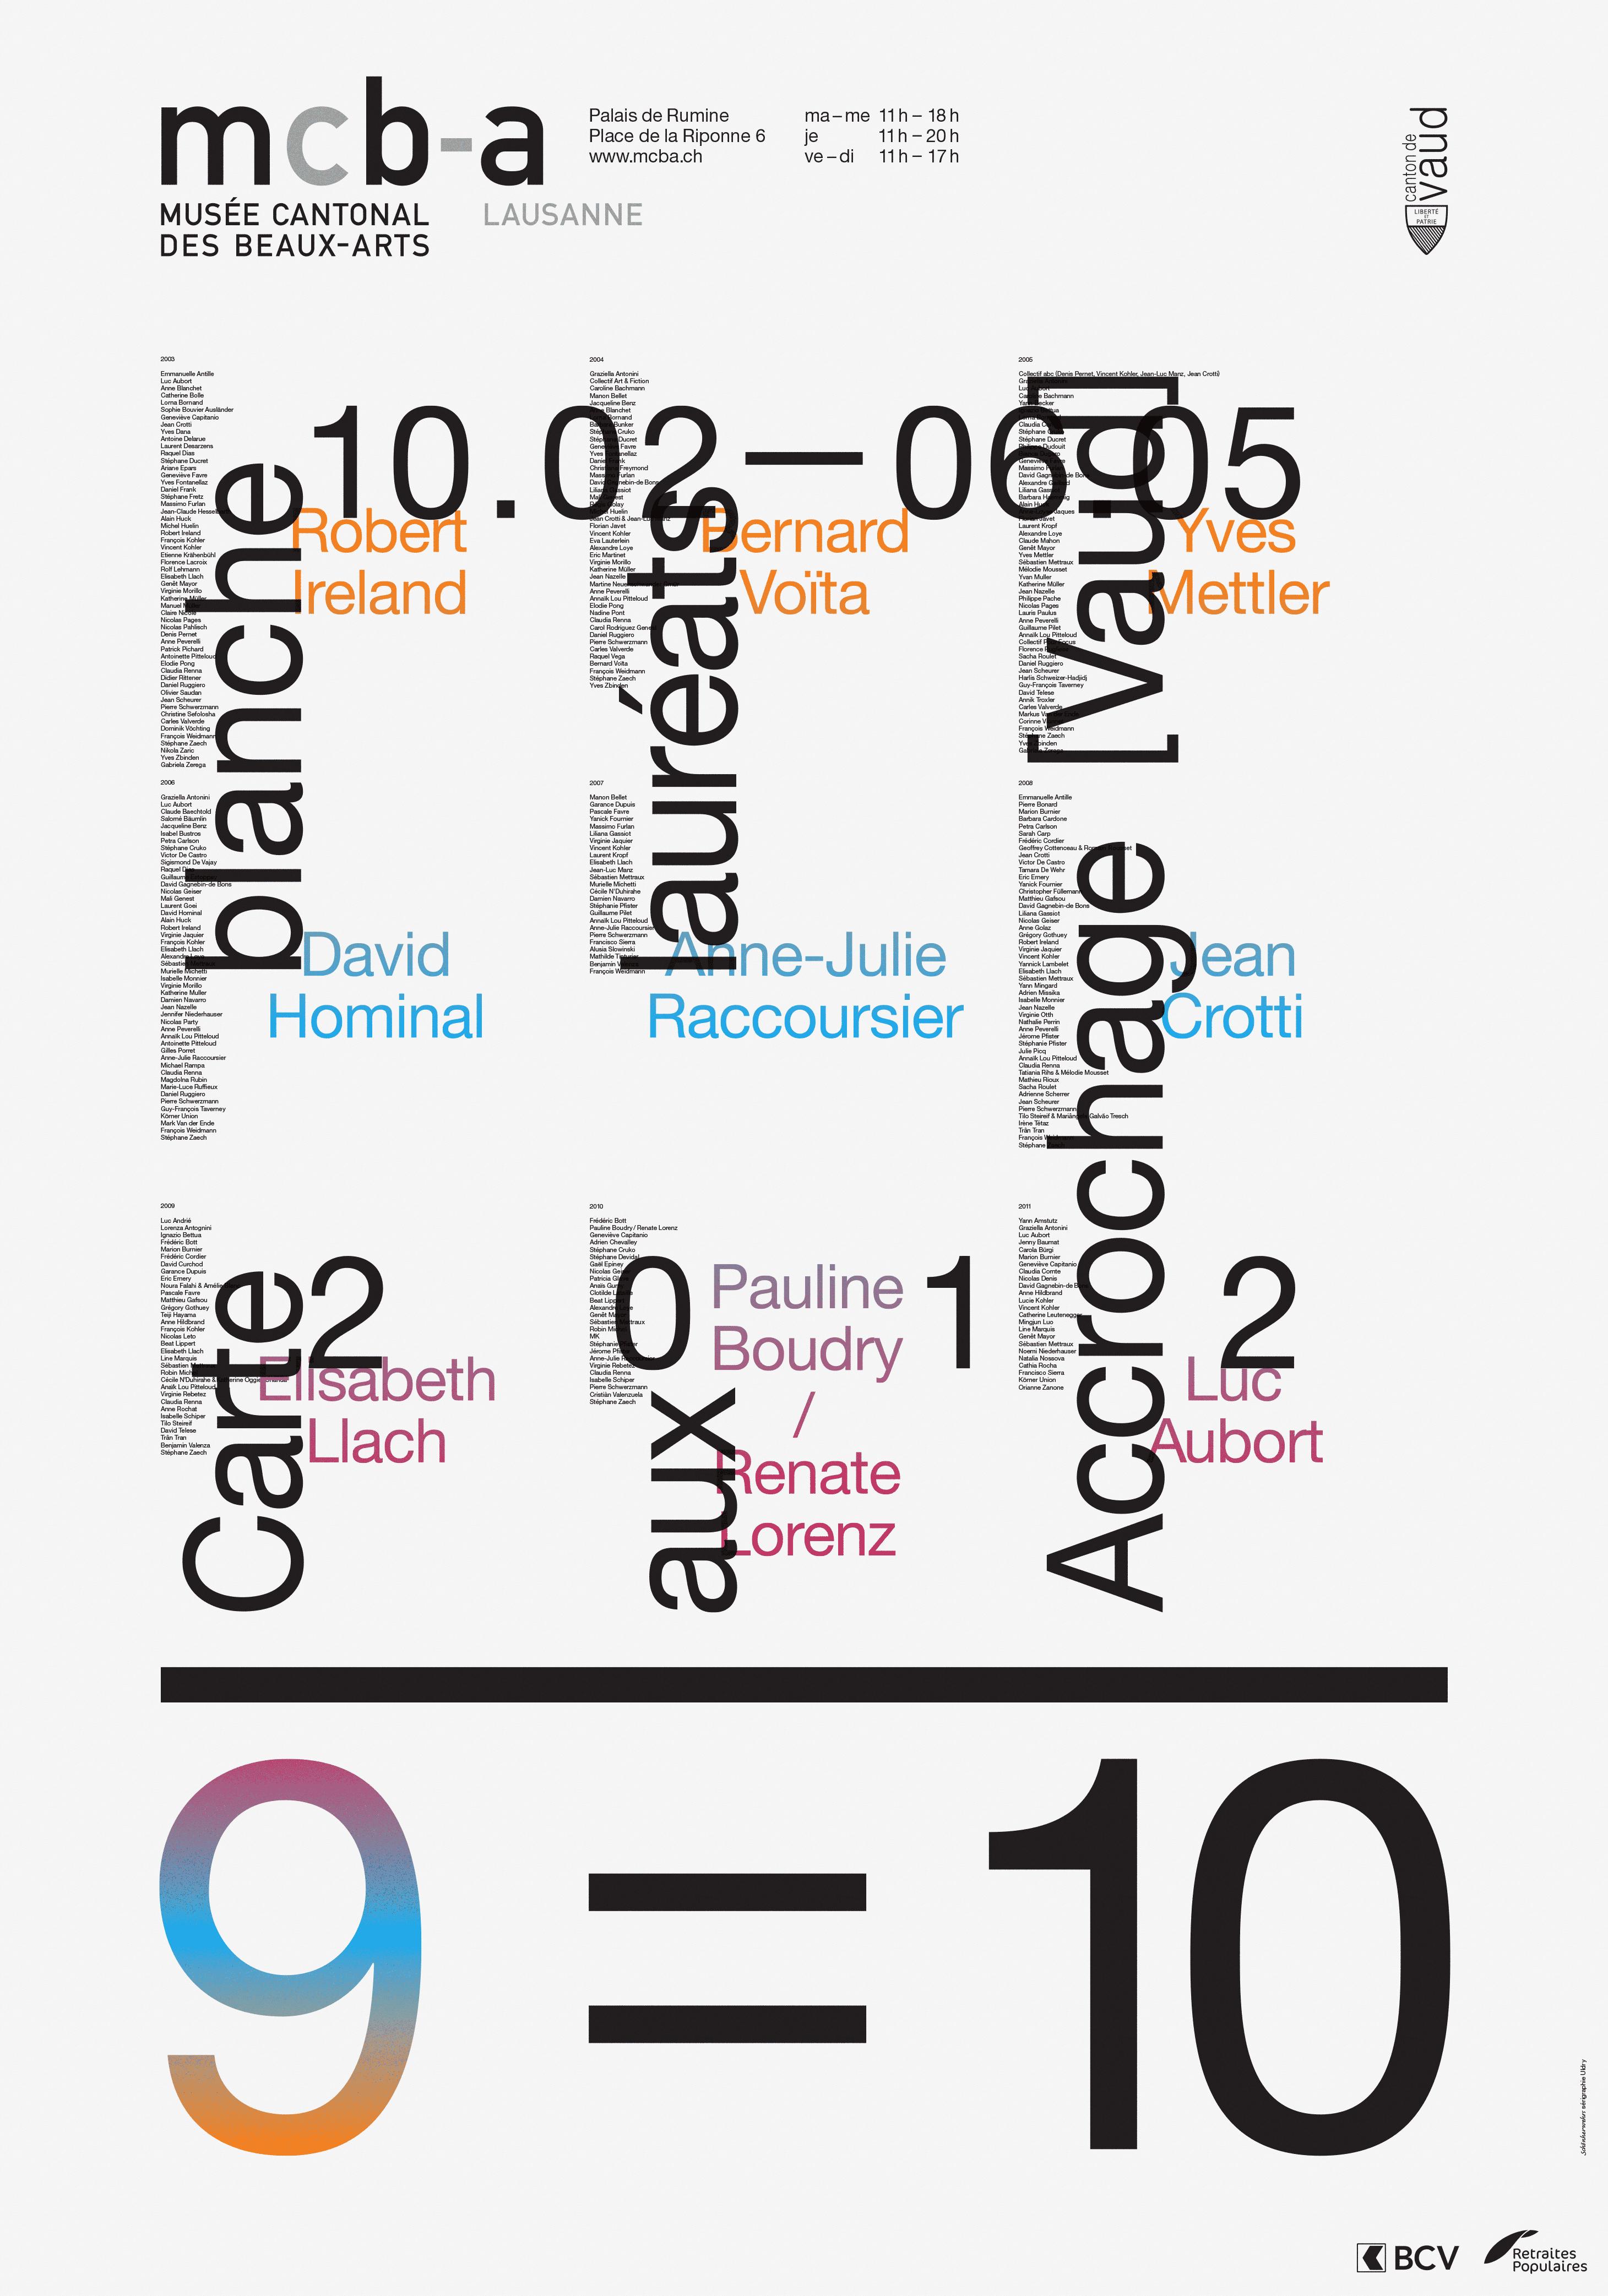 Affiche de l'exposition «9=10» au Musée cantonal des Beaux-arts de Lausanne. La composition est une superposition de grilles. La 2e couleur est imprimée en dégradé direct (iris).